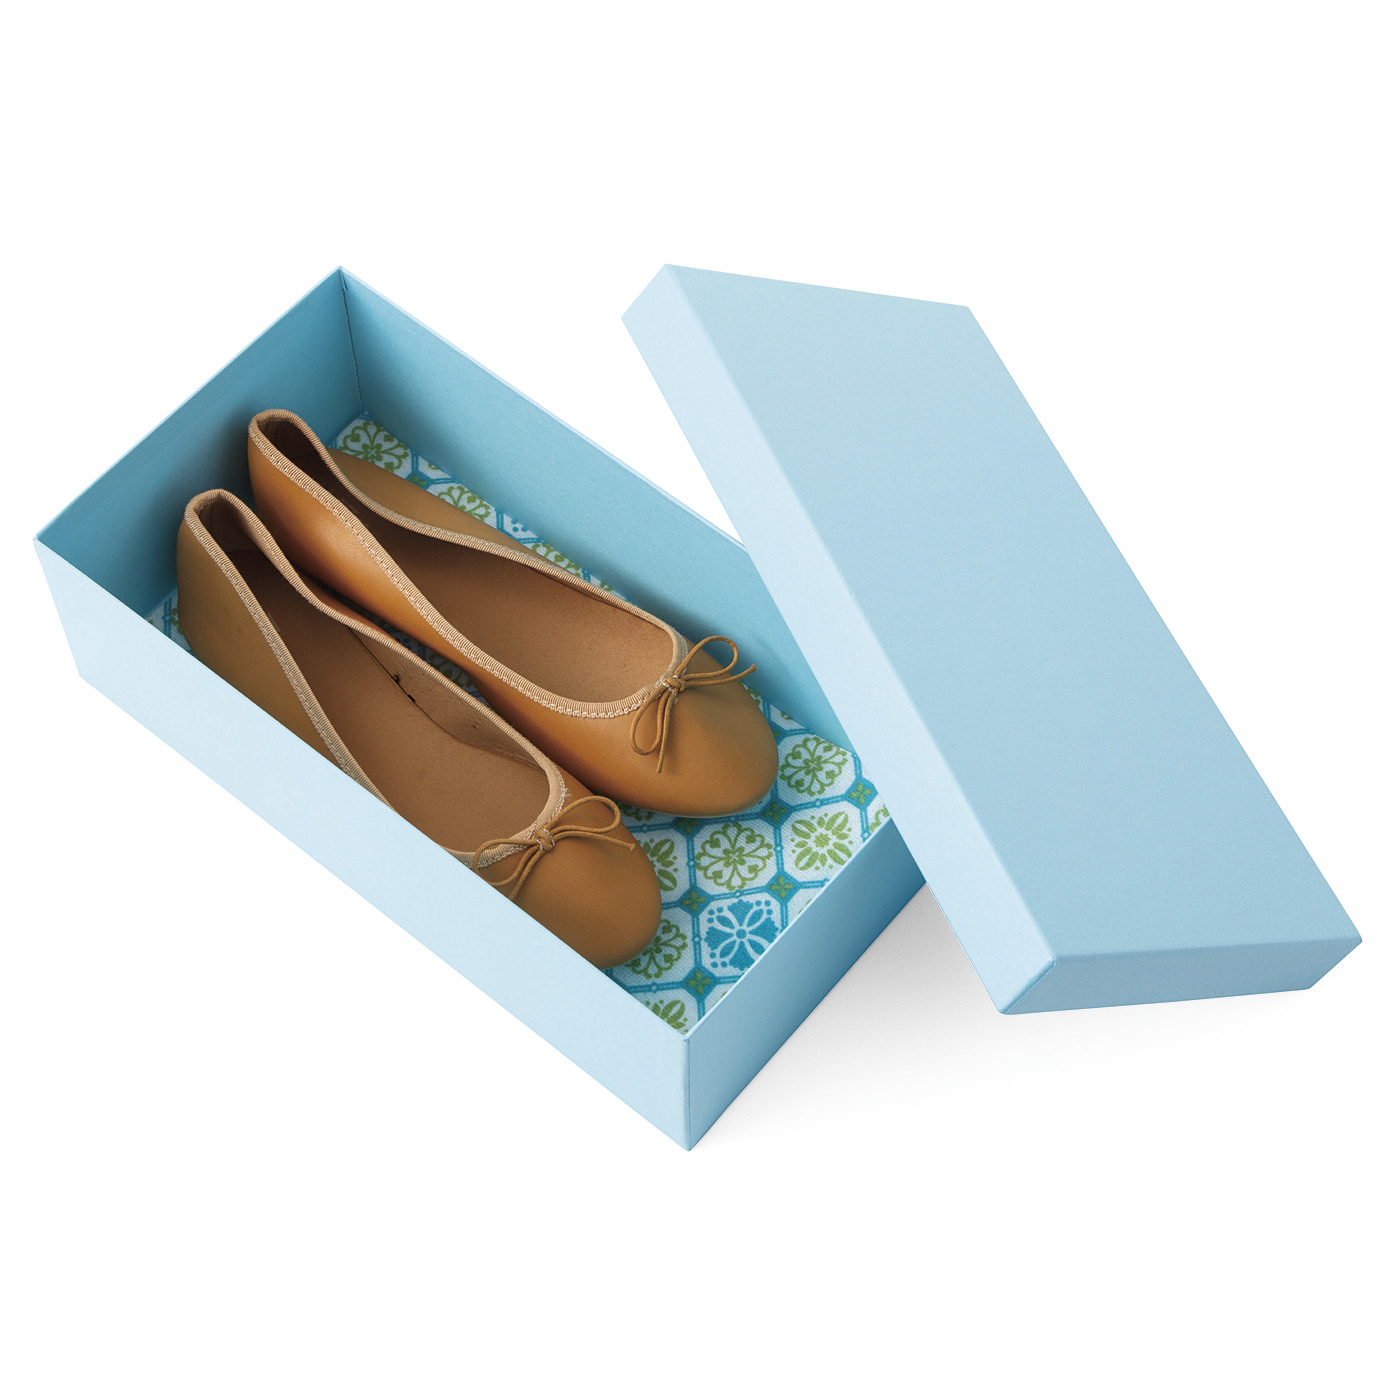 カットして使えるので、靴箱での保管にも使えます。